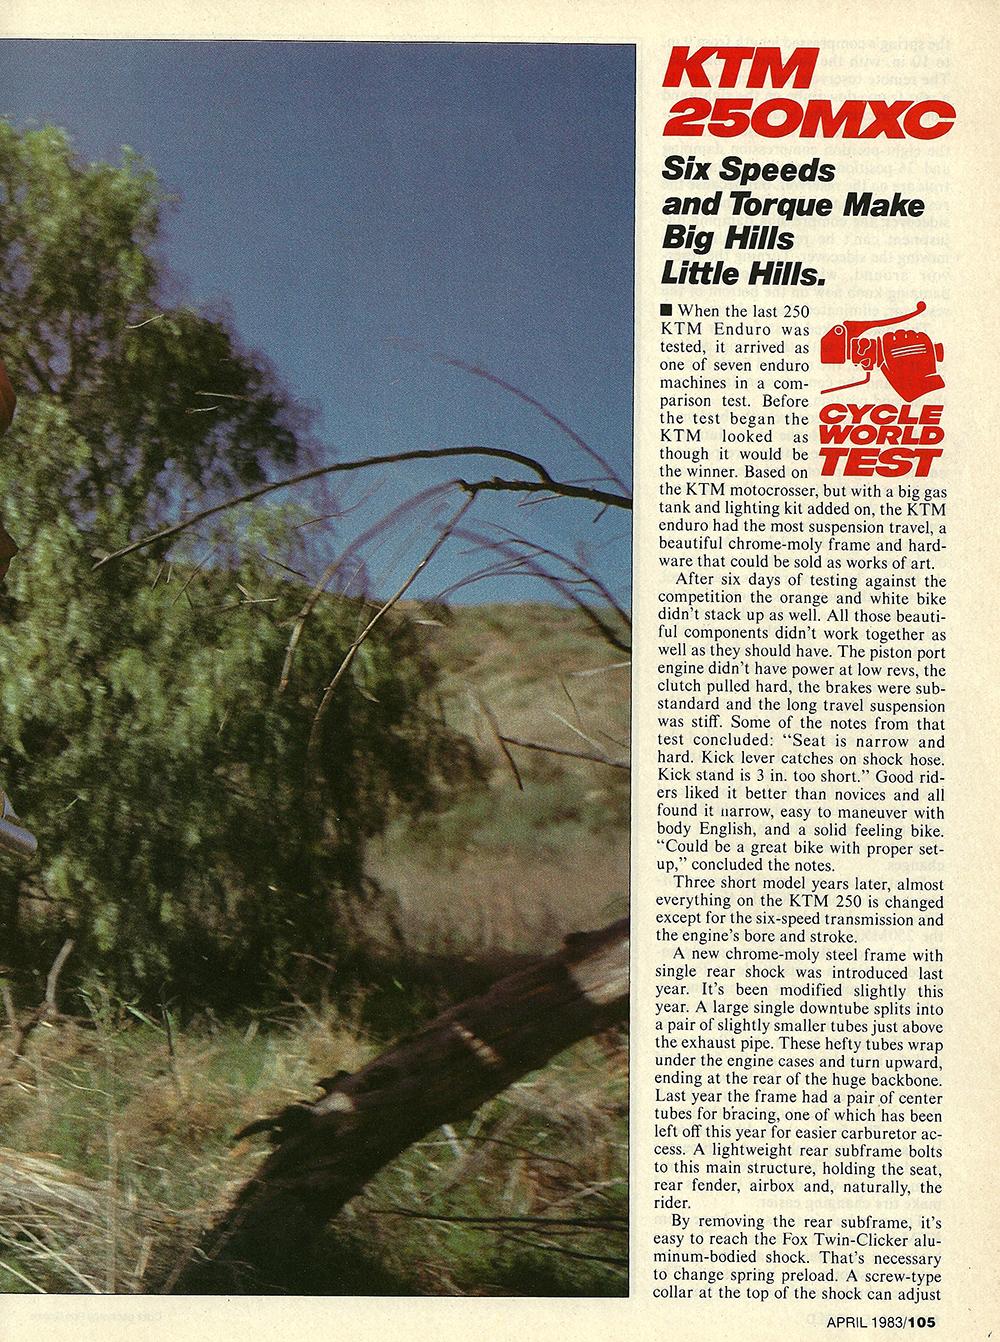 1983 KTM 250MXC road test 02.jpg